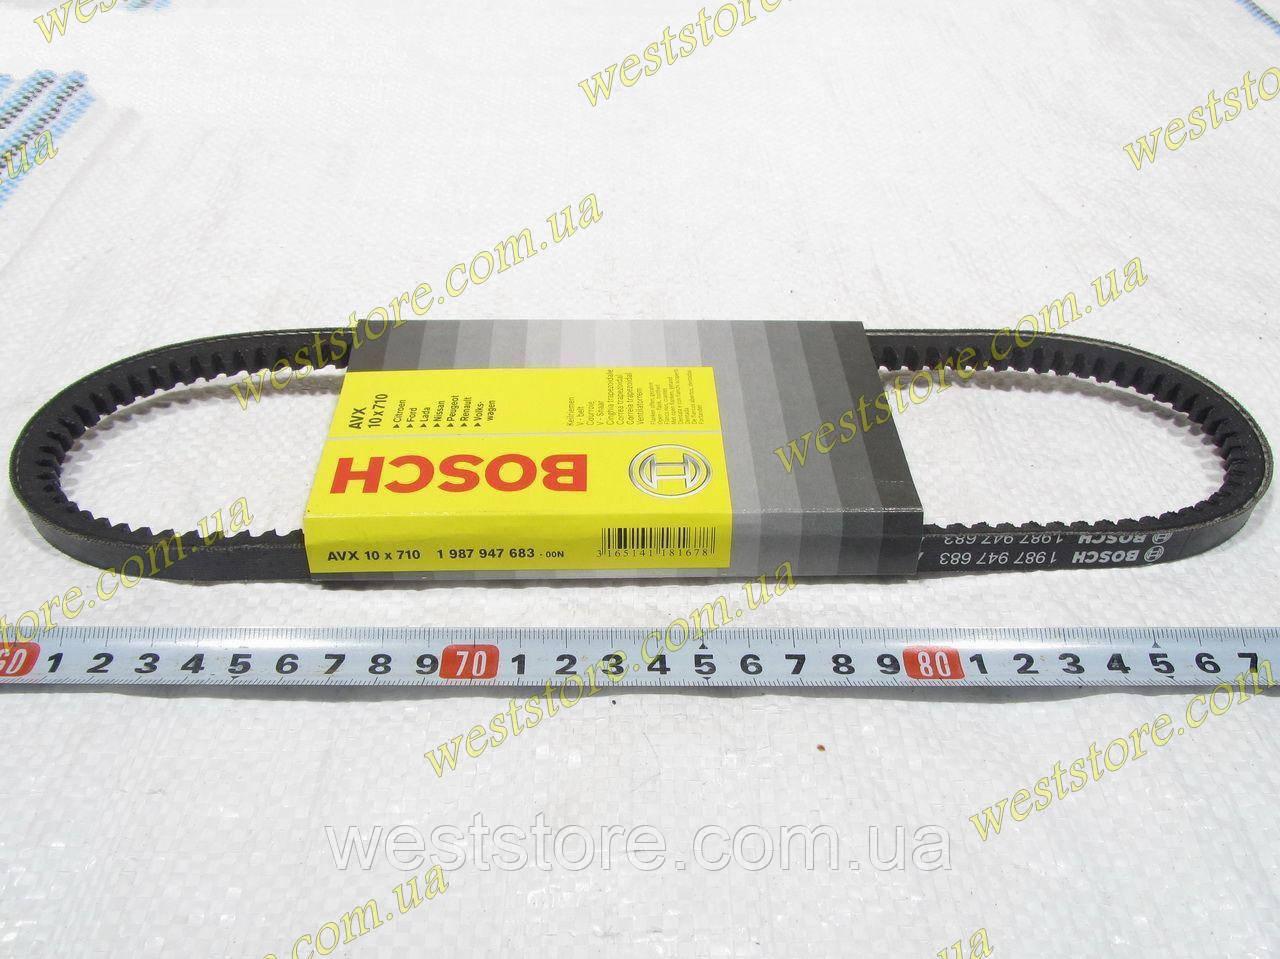 Ремень генератора ваз 2108,2109 ,21099 зубчатый Bosch 1987947683 AVX 10x710